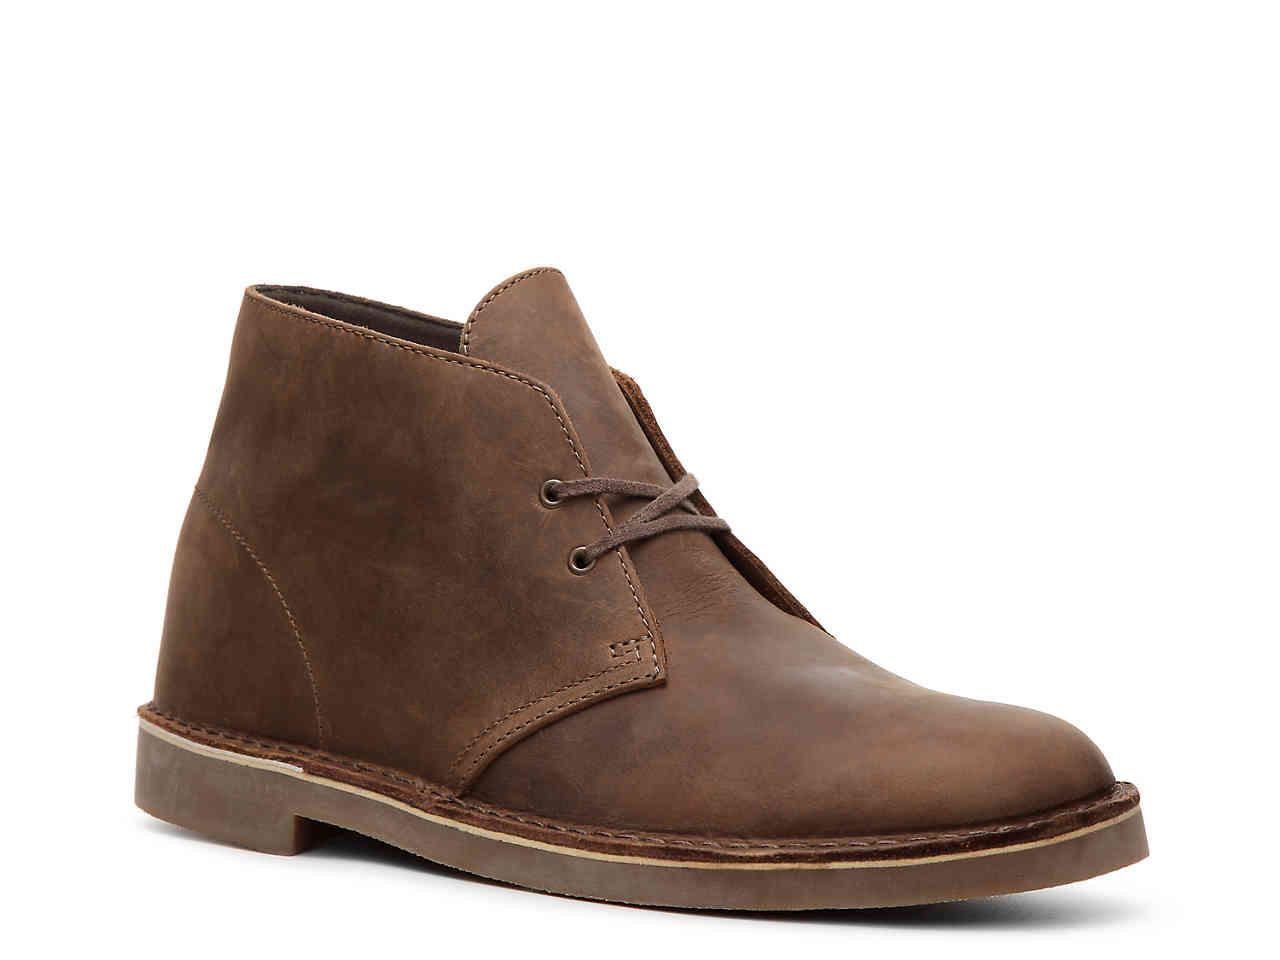 Amazon Clark S Men S Desert Boot On Sale For 78 95 Orig